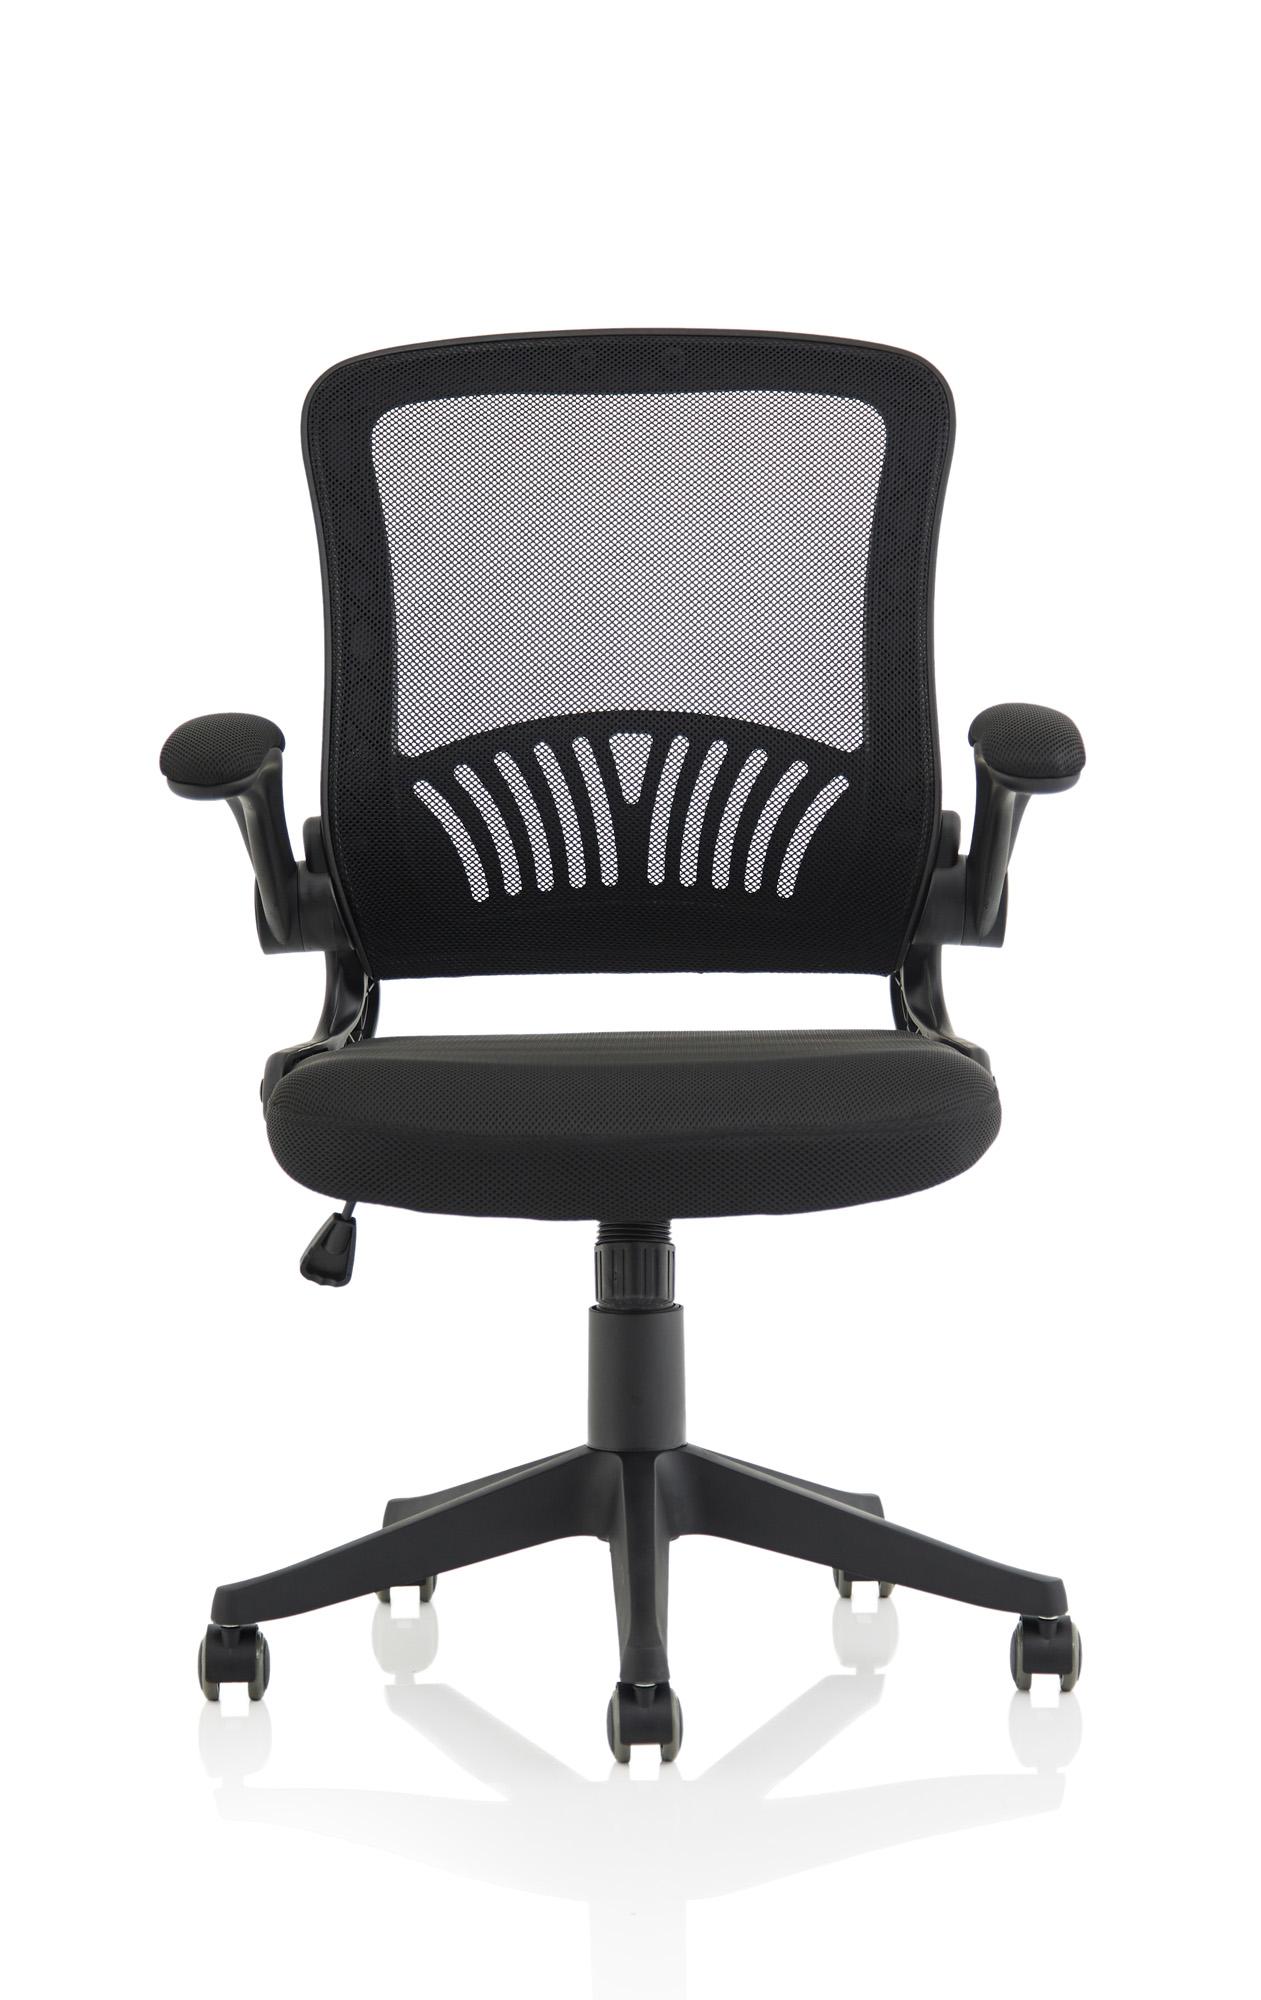 Skyline Executive Chair